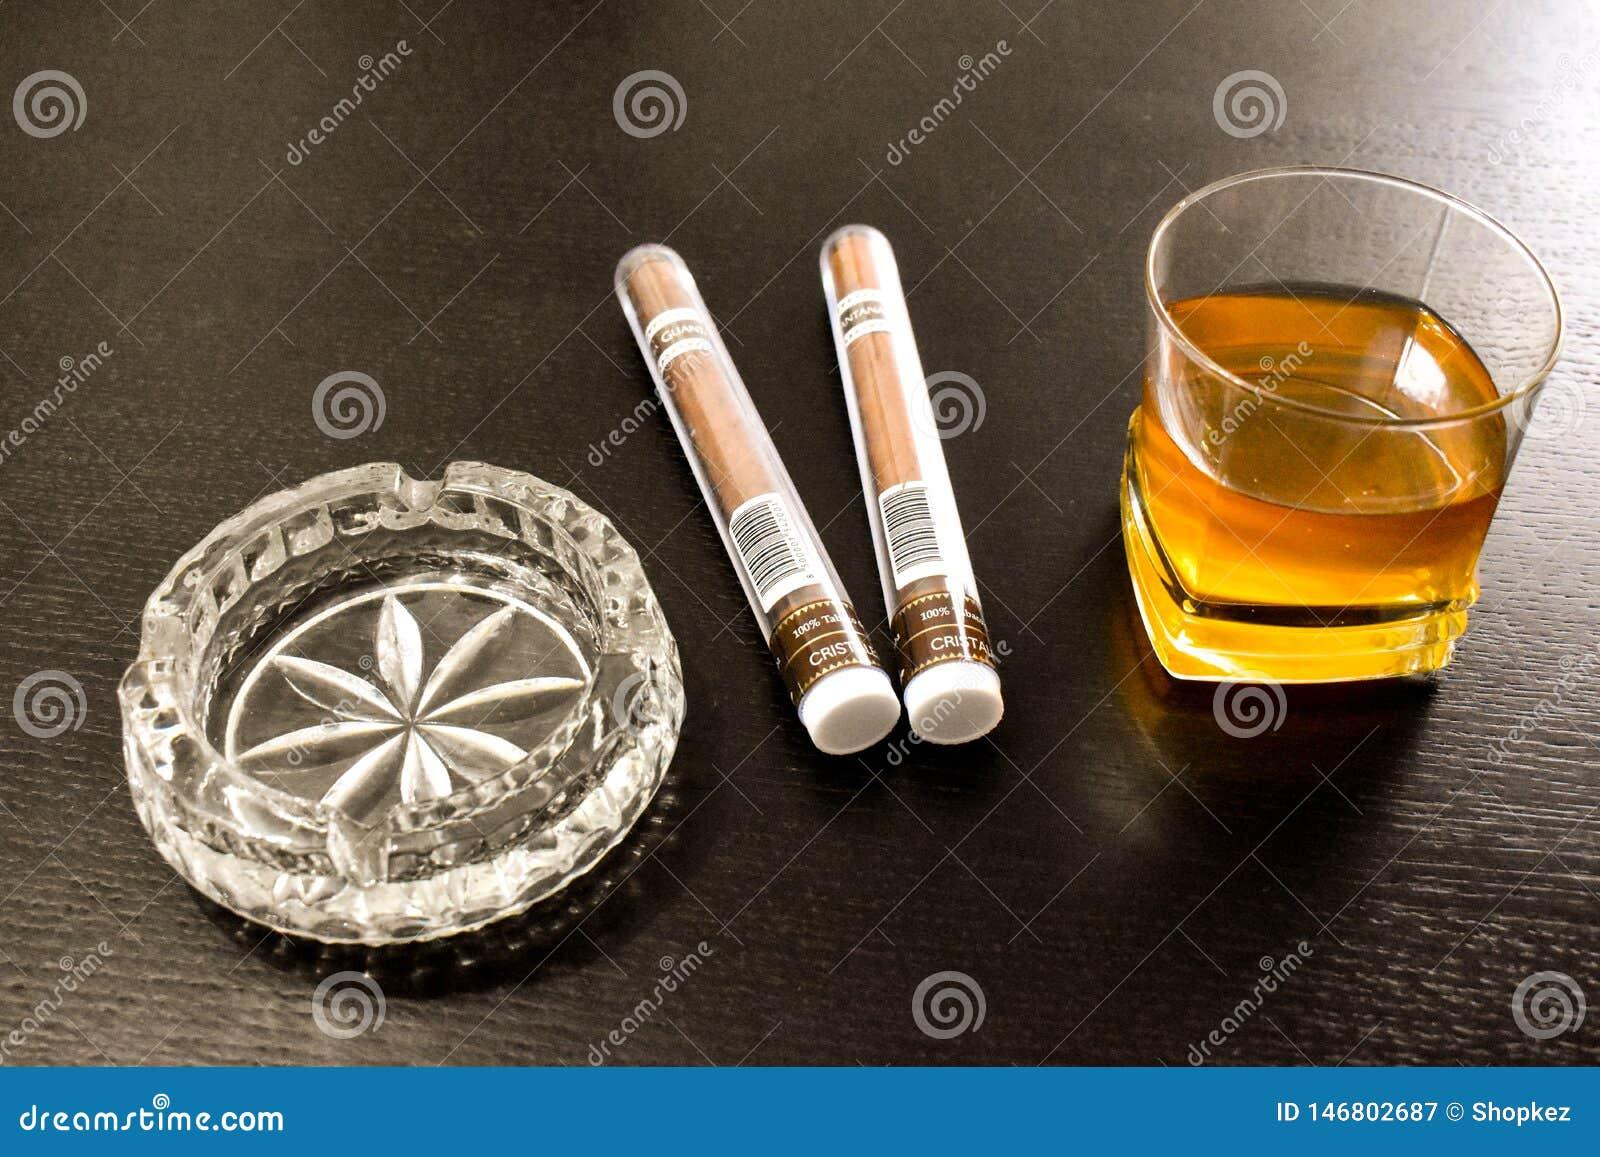 Twee grote sigaren, een kristalasbakje en een glas wisky op de zwarte lijst Boekarest, Roemenië - 03 04 2019